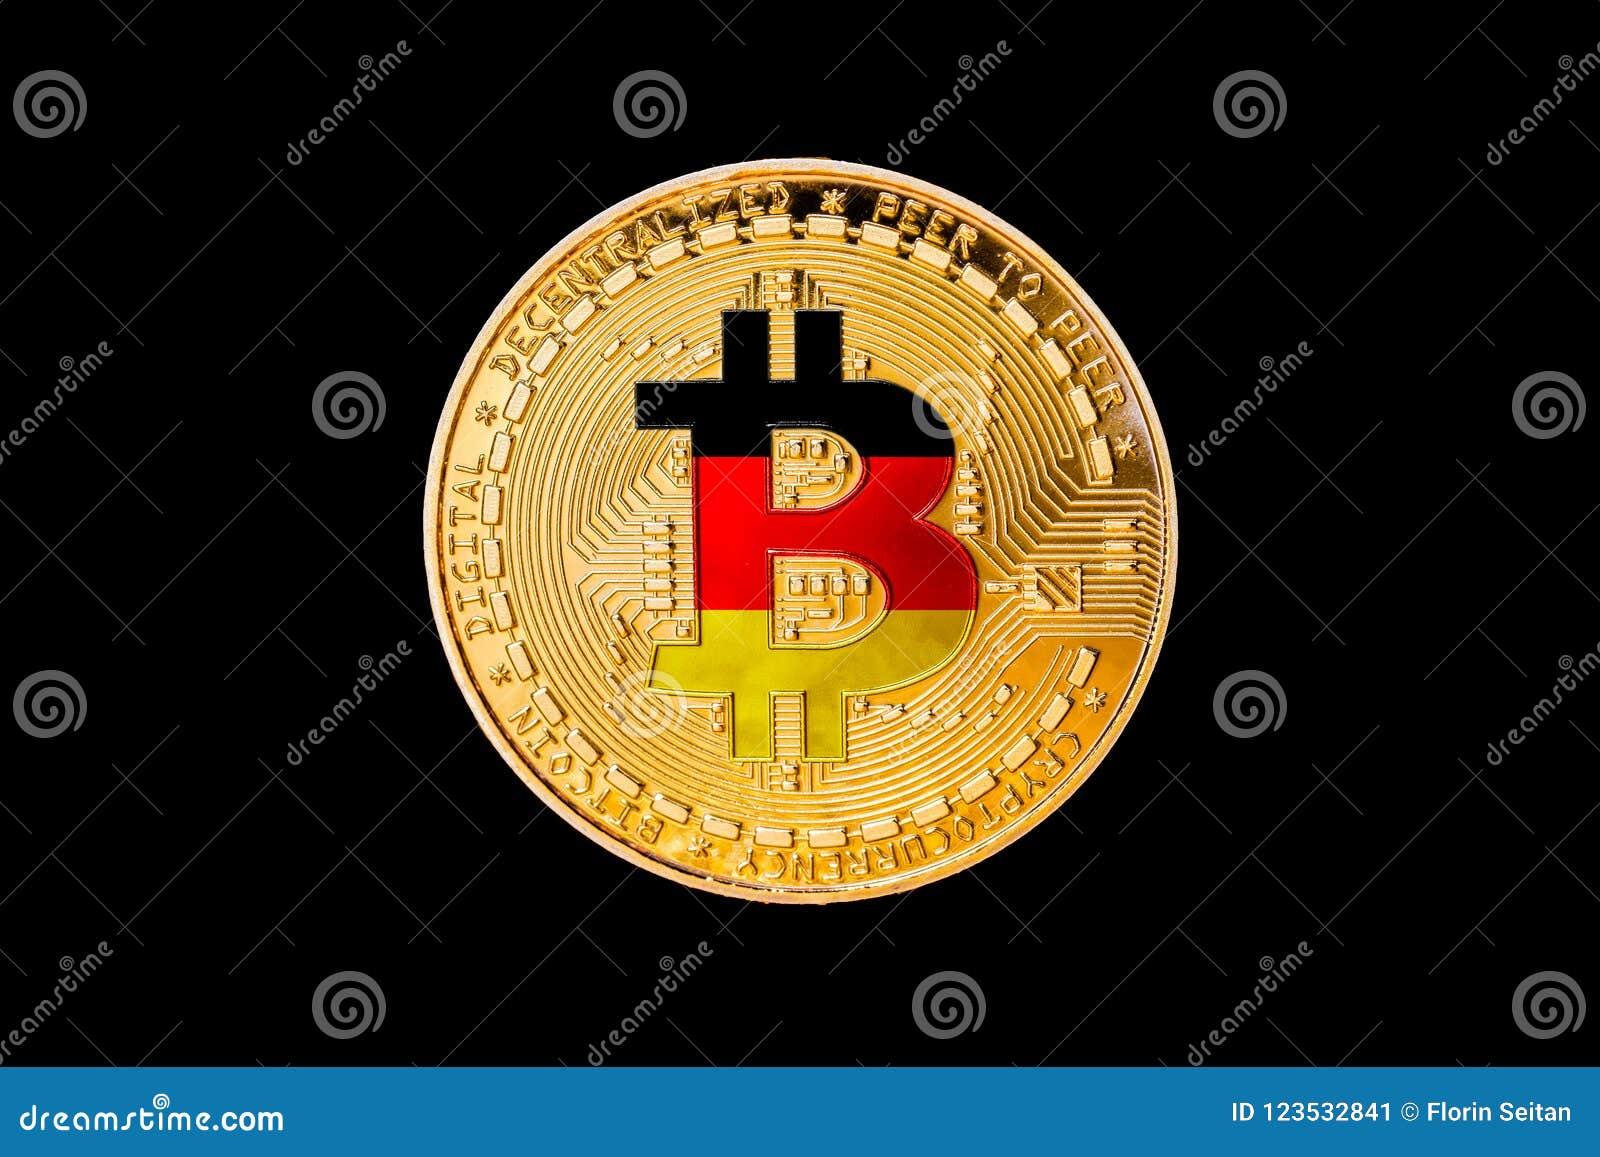 Złoty bitcoin z Niemcy flaga w centrum, Niemcy crypt/